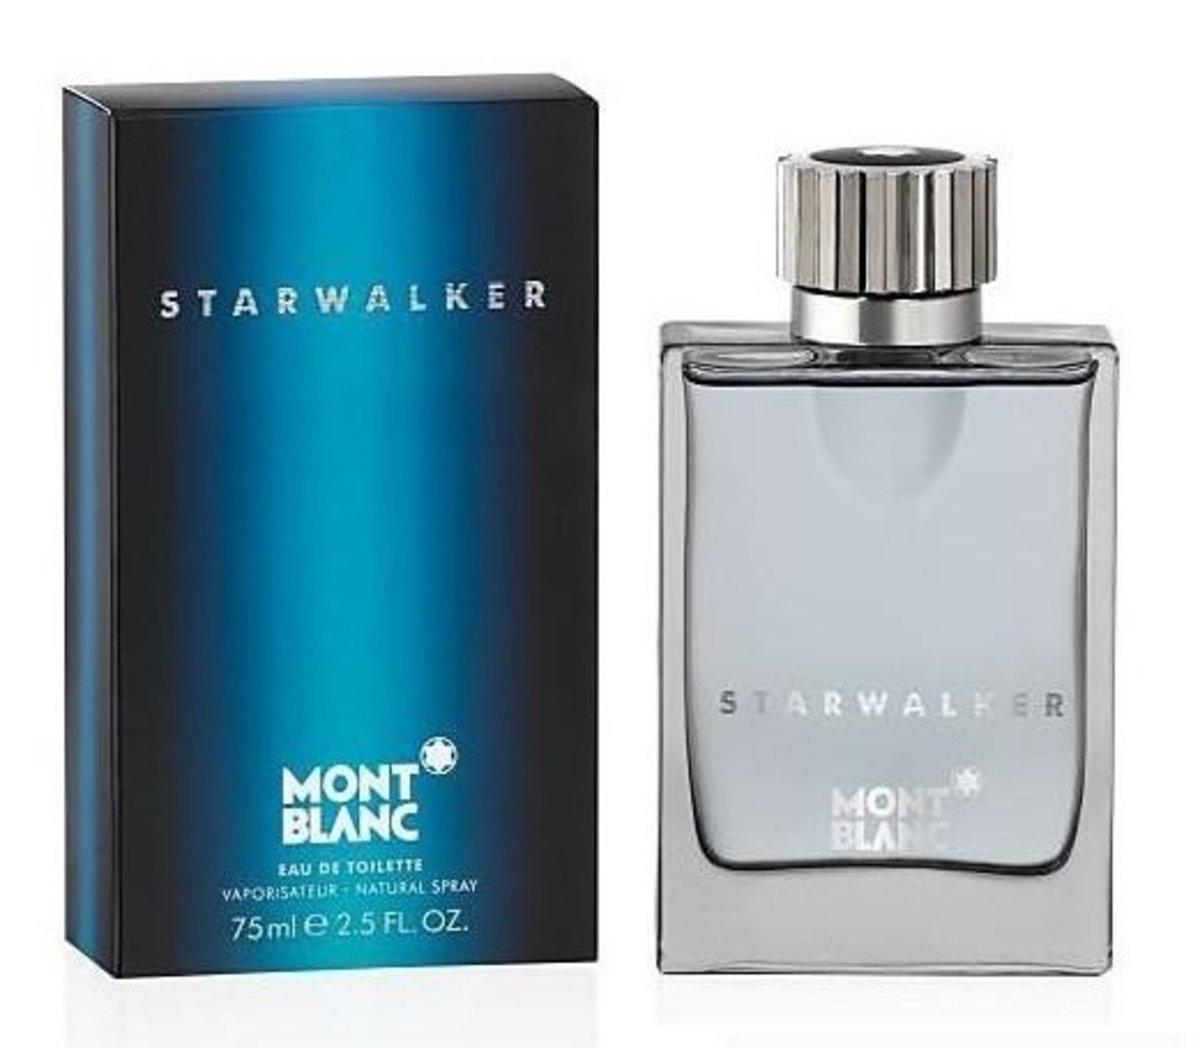 Starwalker Eau De Toilette Spray 75ml